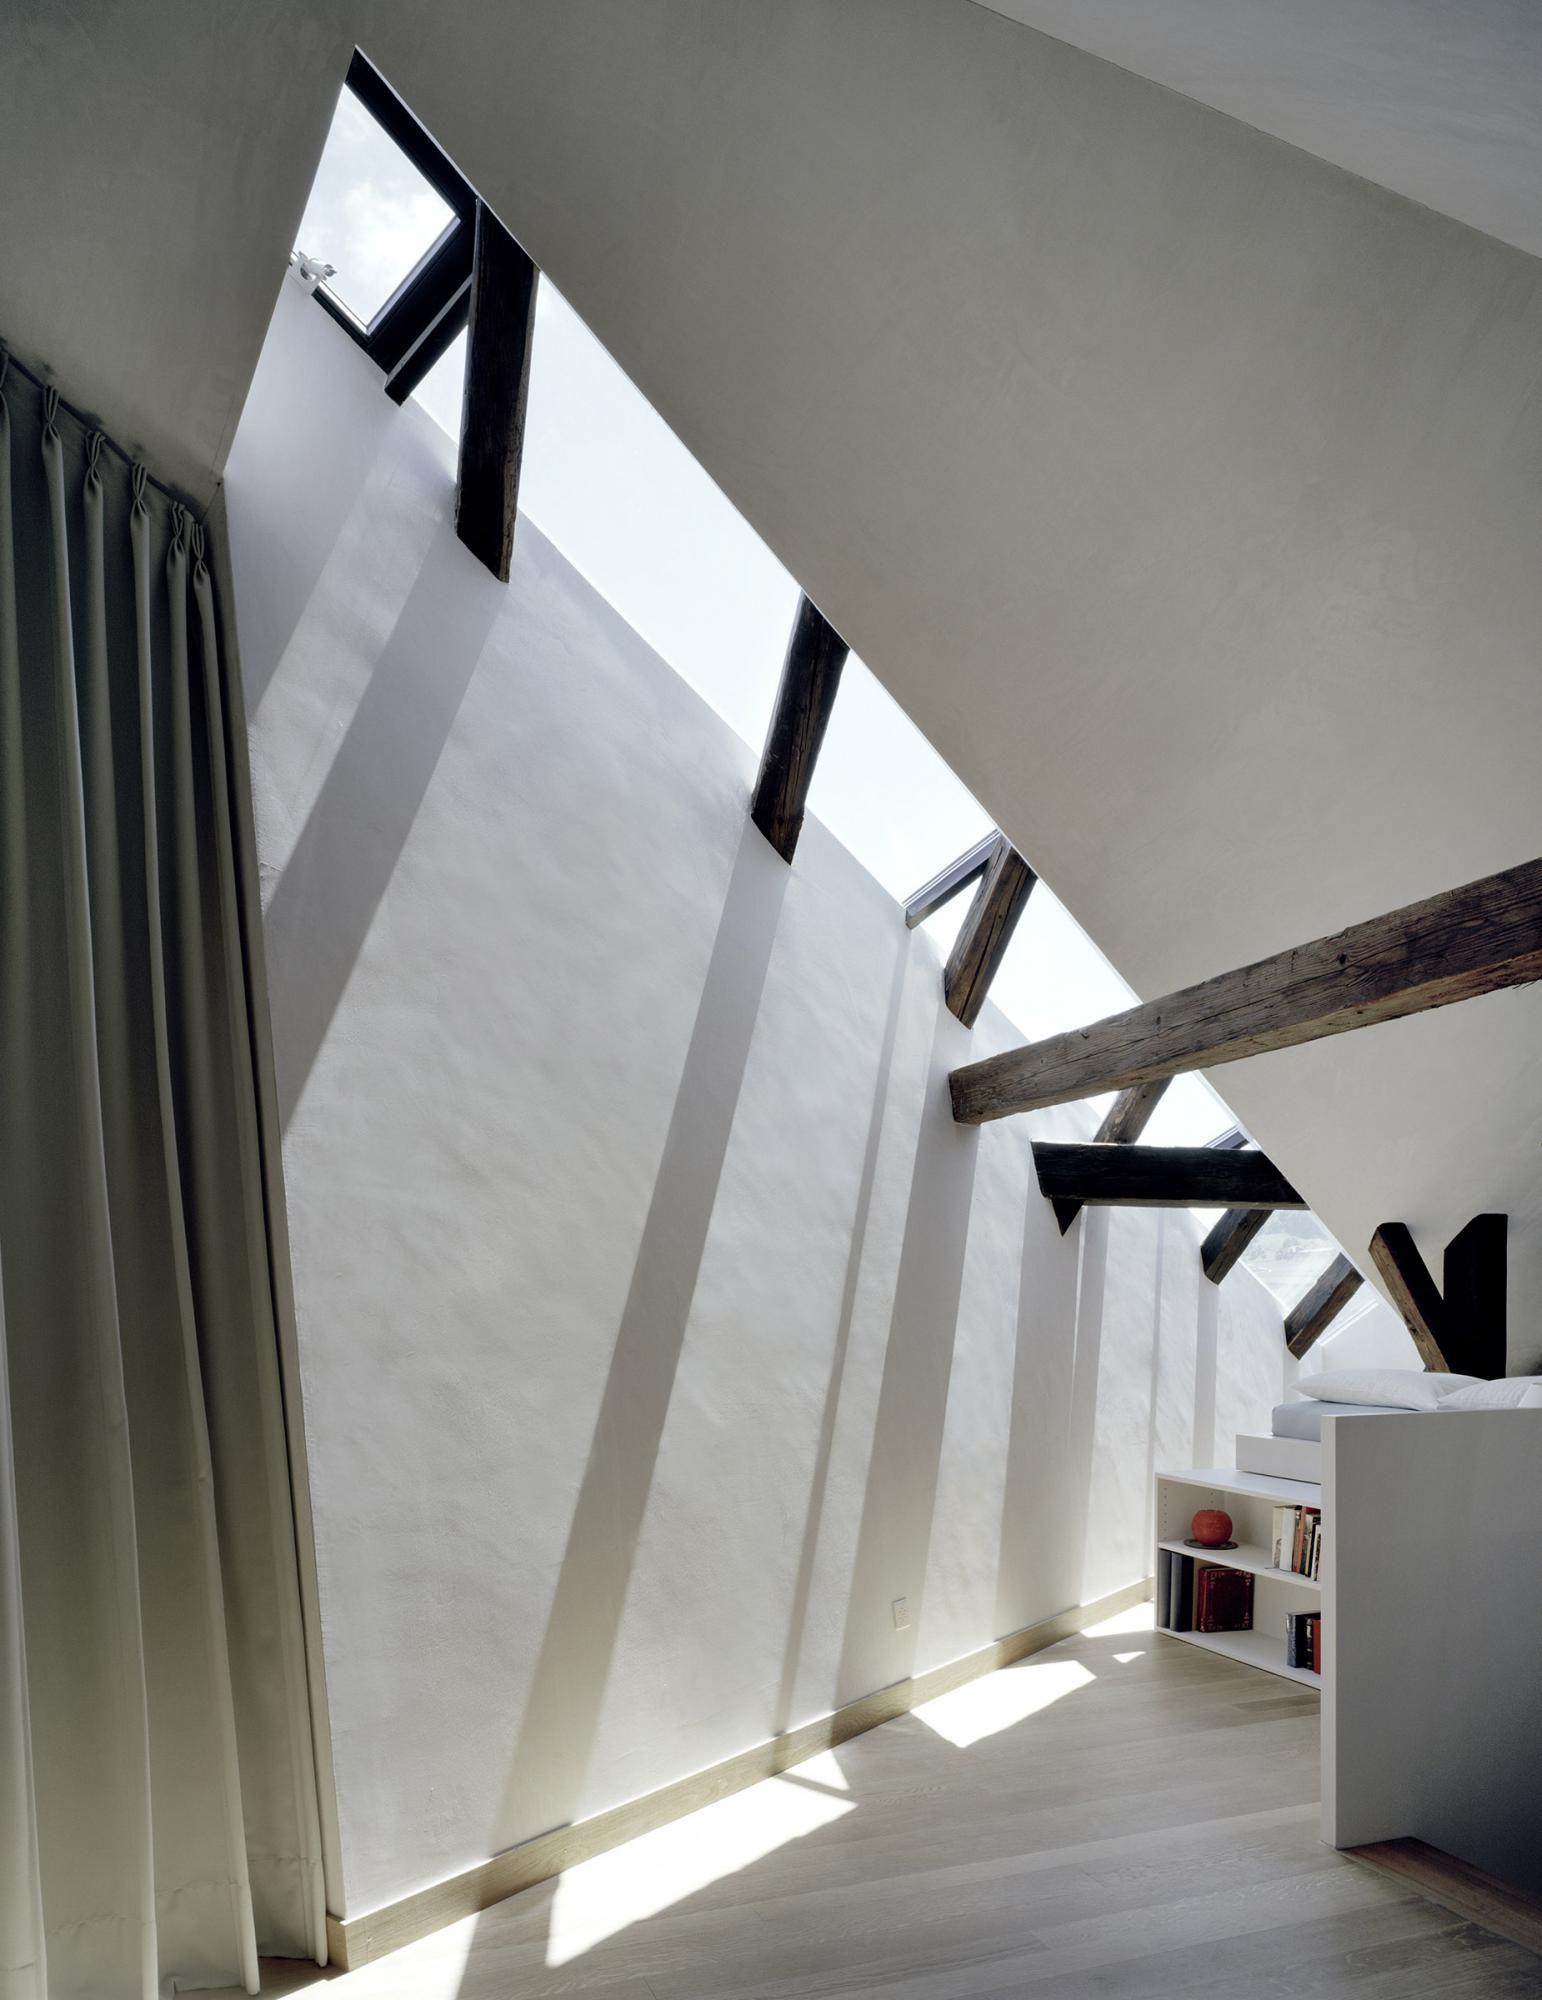 Attic Expansion In Altstadt By Freiluft Loft Conversionsarchitecture Interiorsmodern